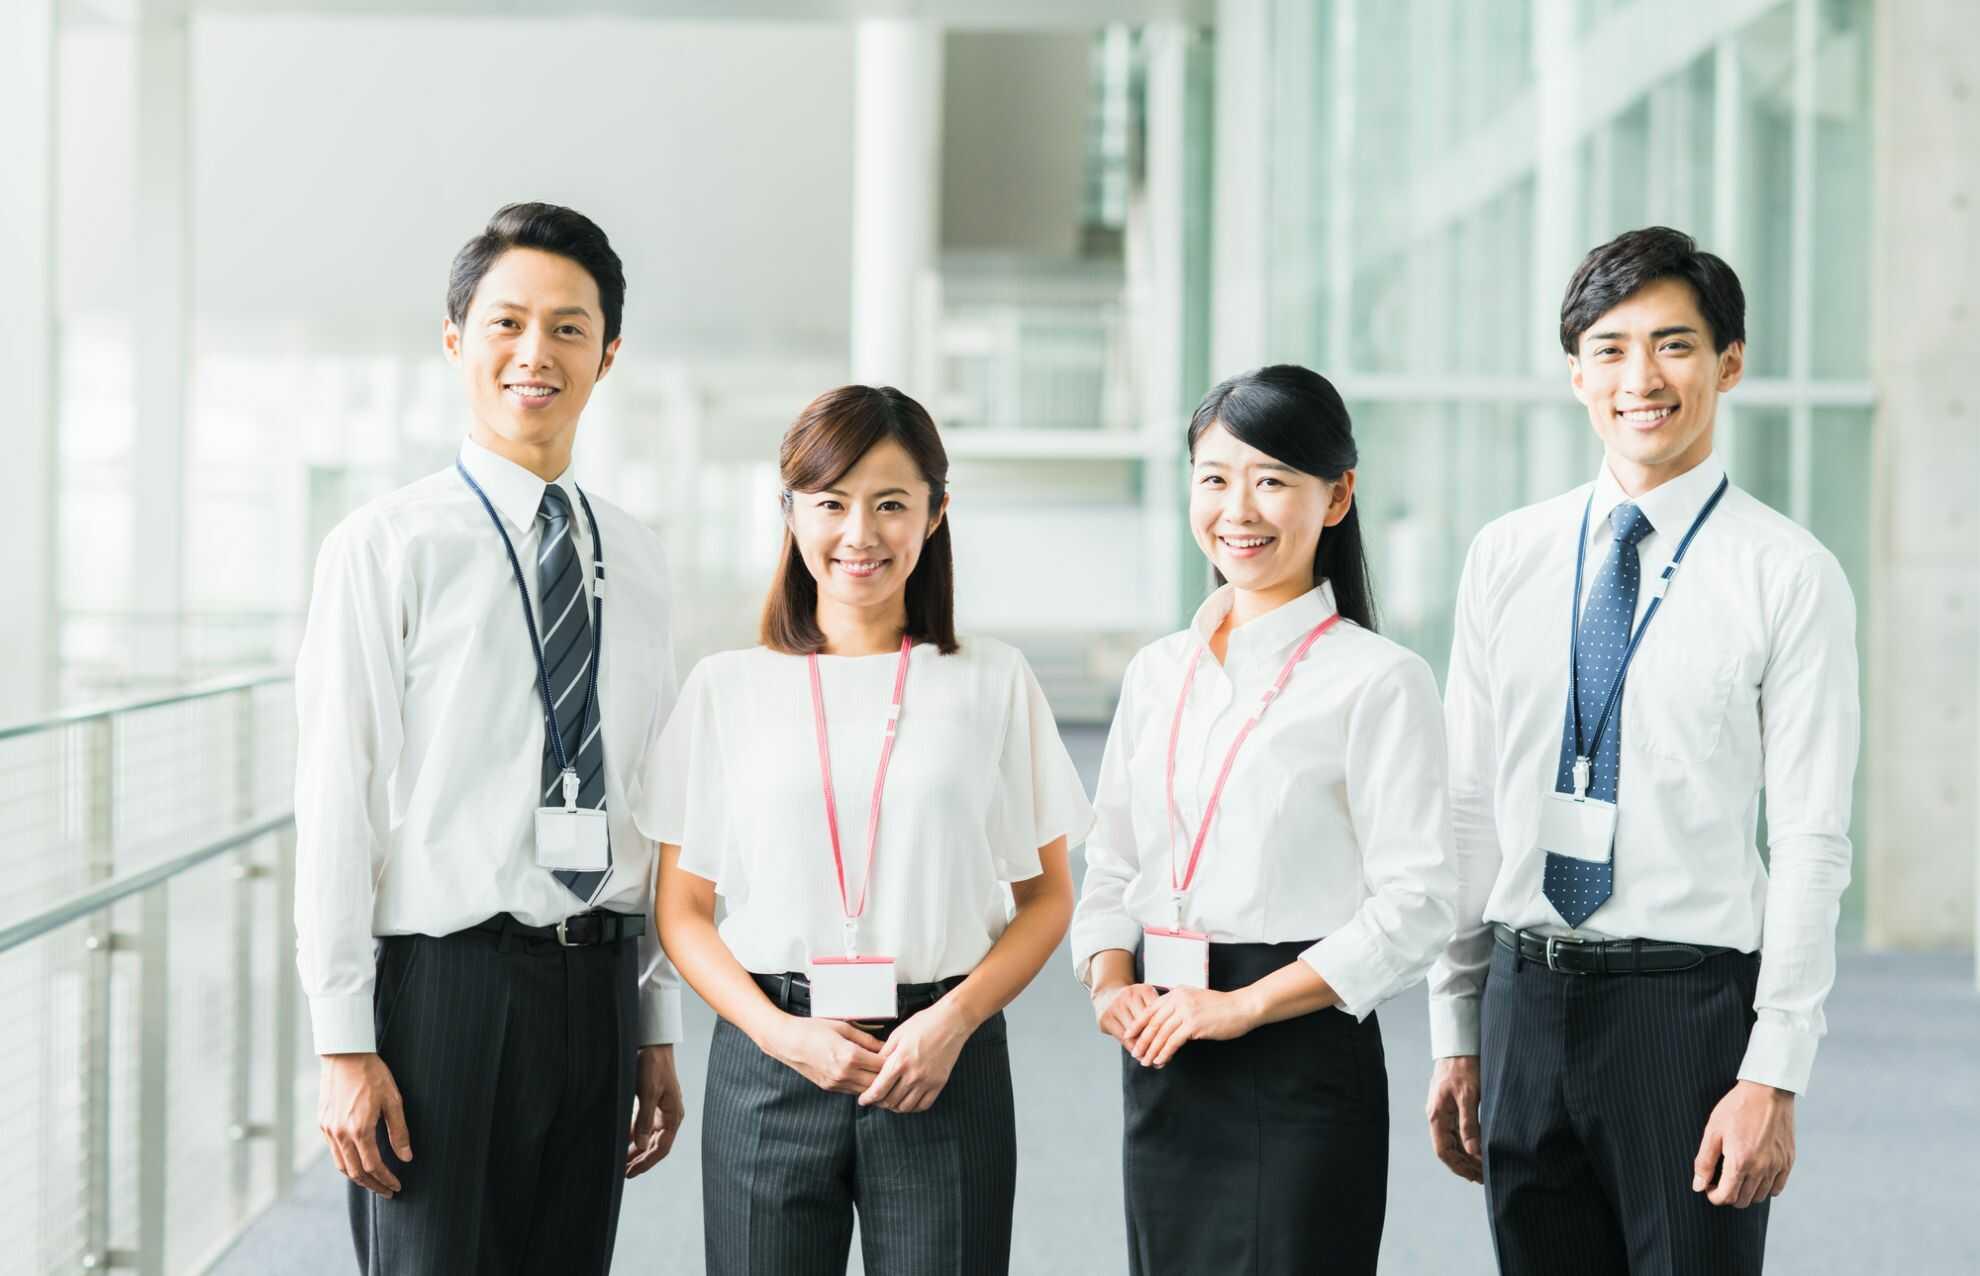 笑顔浮かべてこちらを見つめている4人のビジネスパーソン